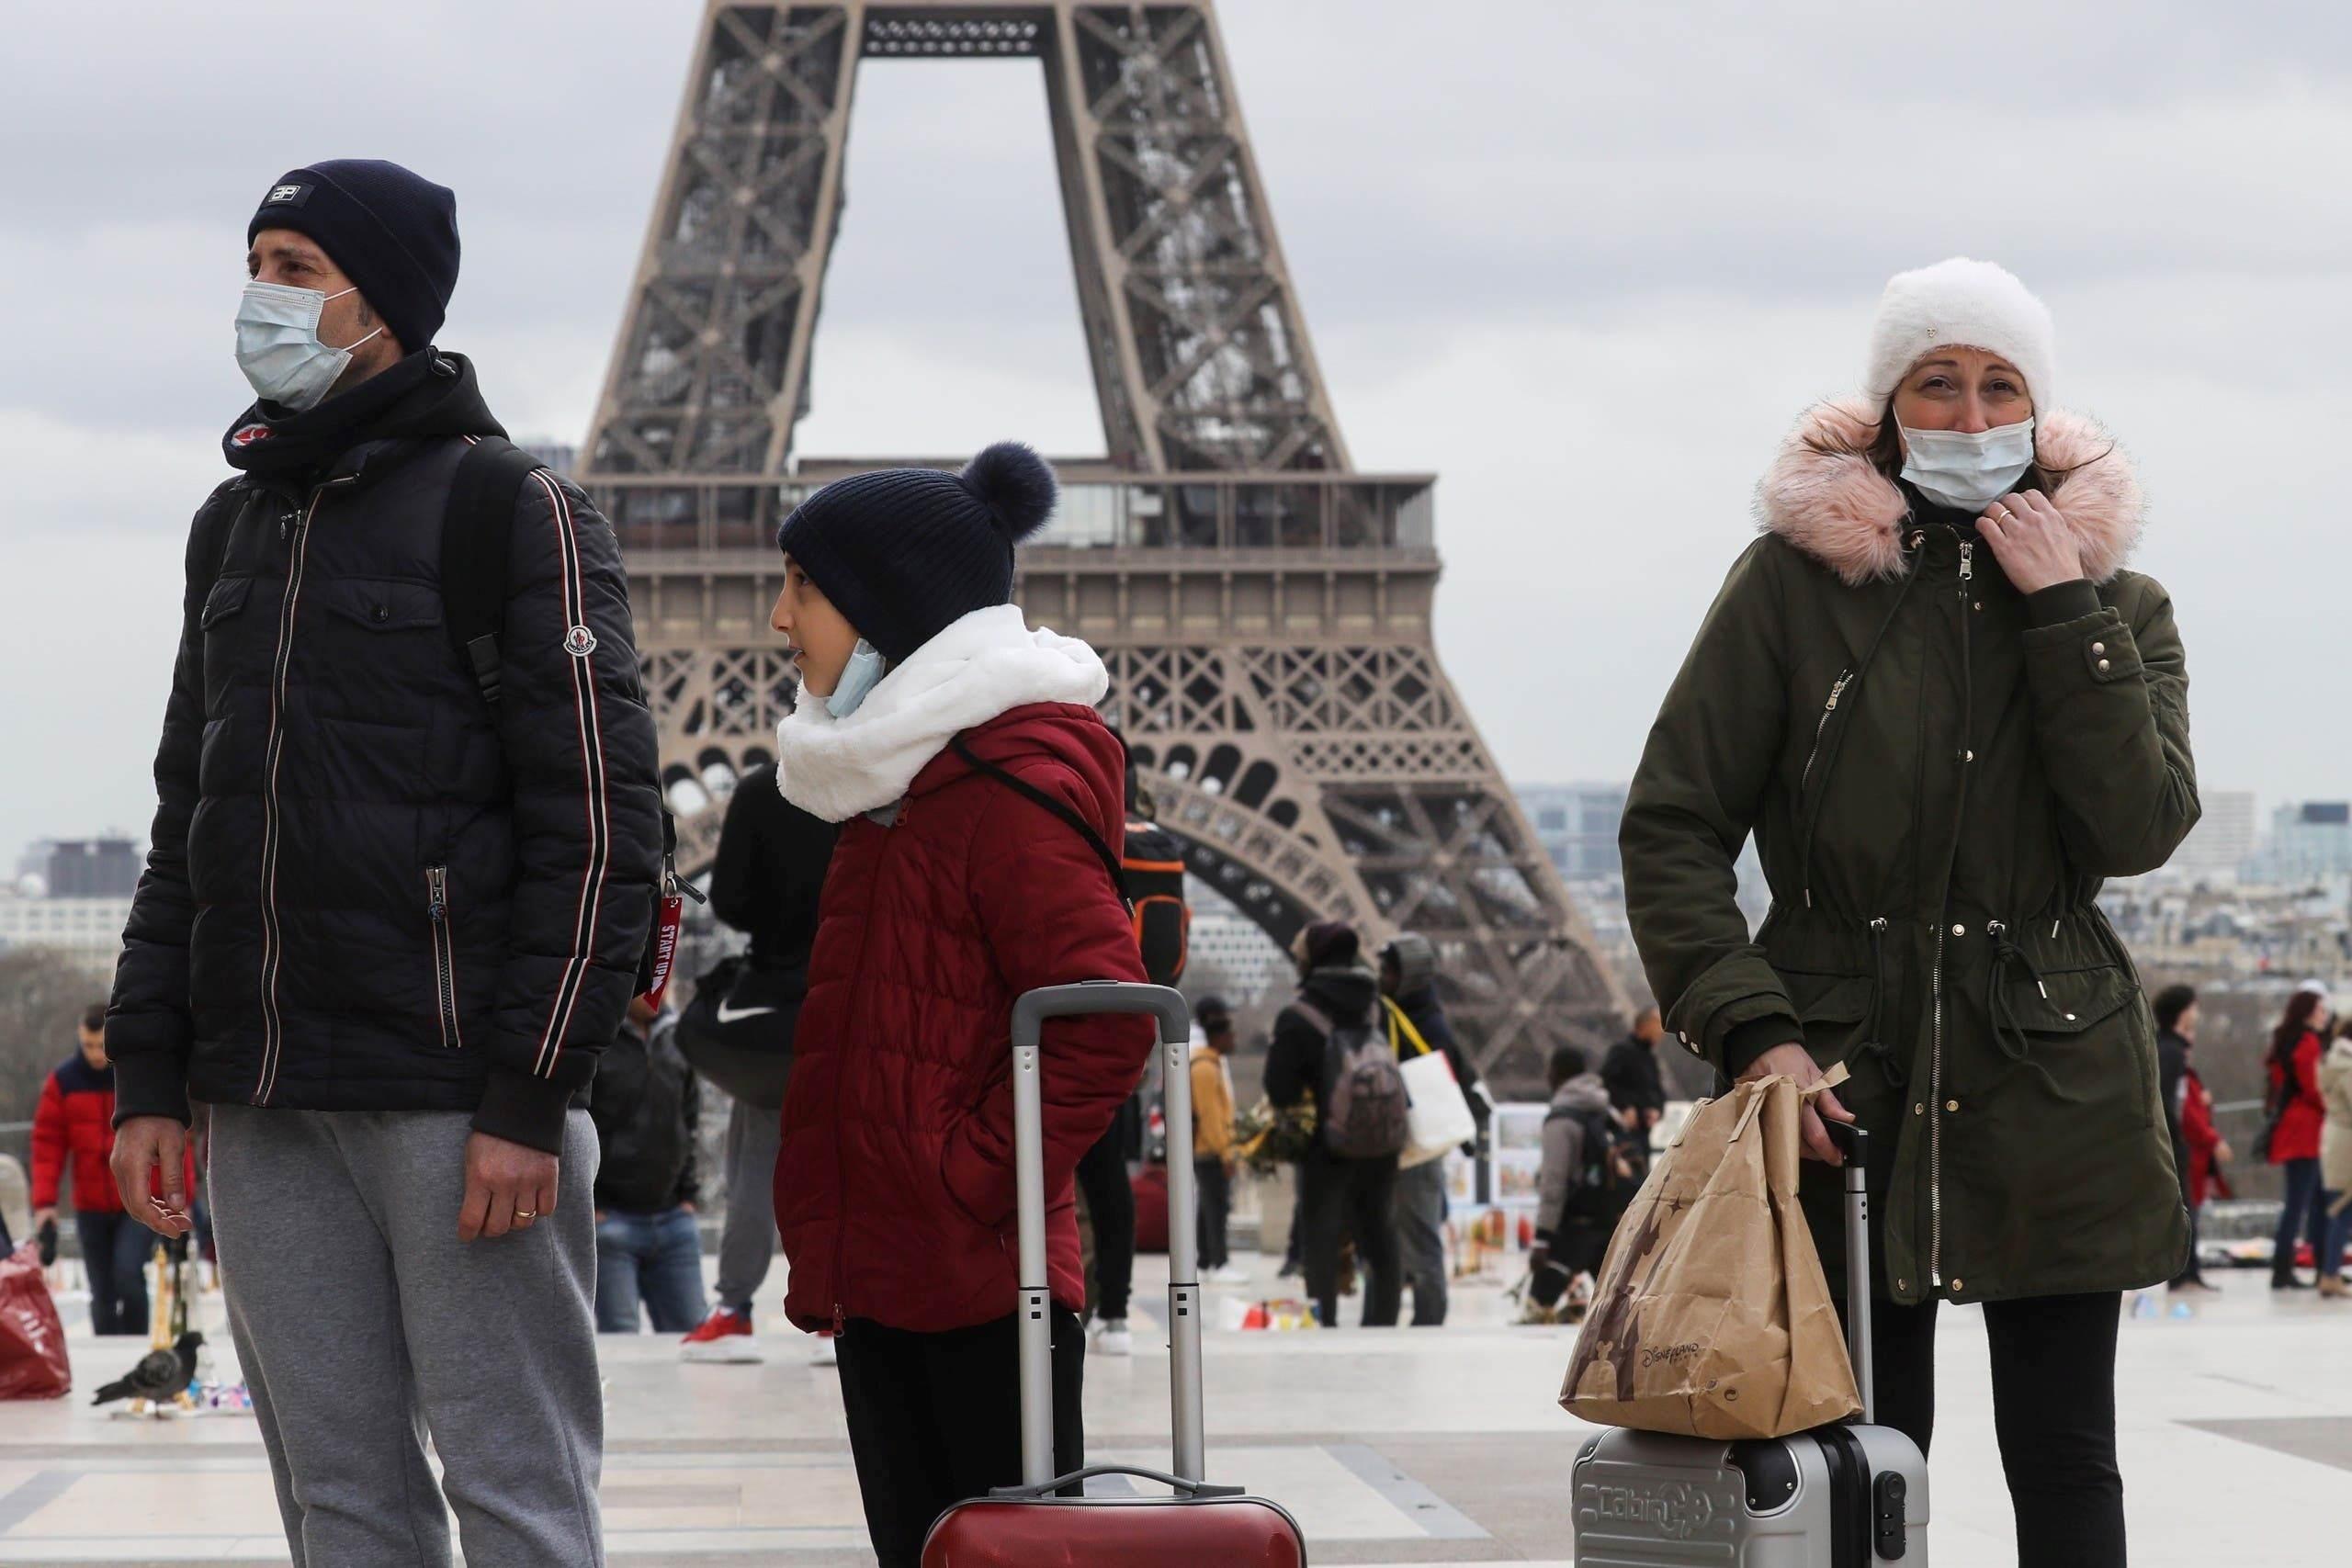 أشخاص يسيرون بالقرب من برج إيفل مرتدين أقنعة وسط تفشي فيروس كورونا (أ ف ب).